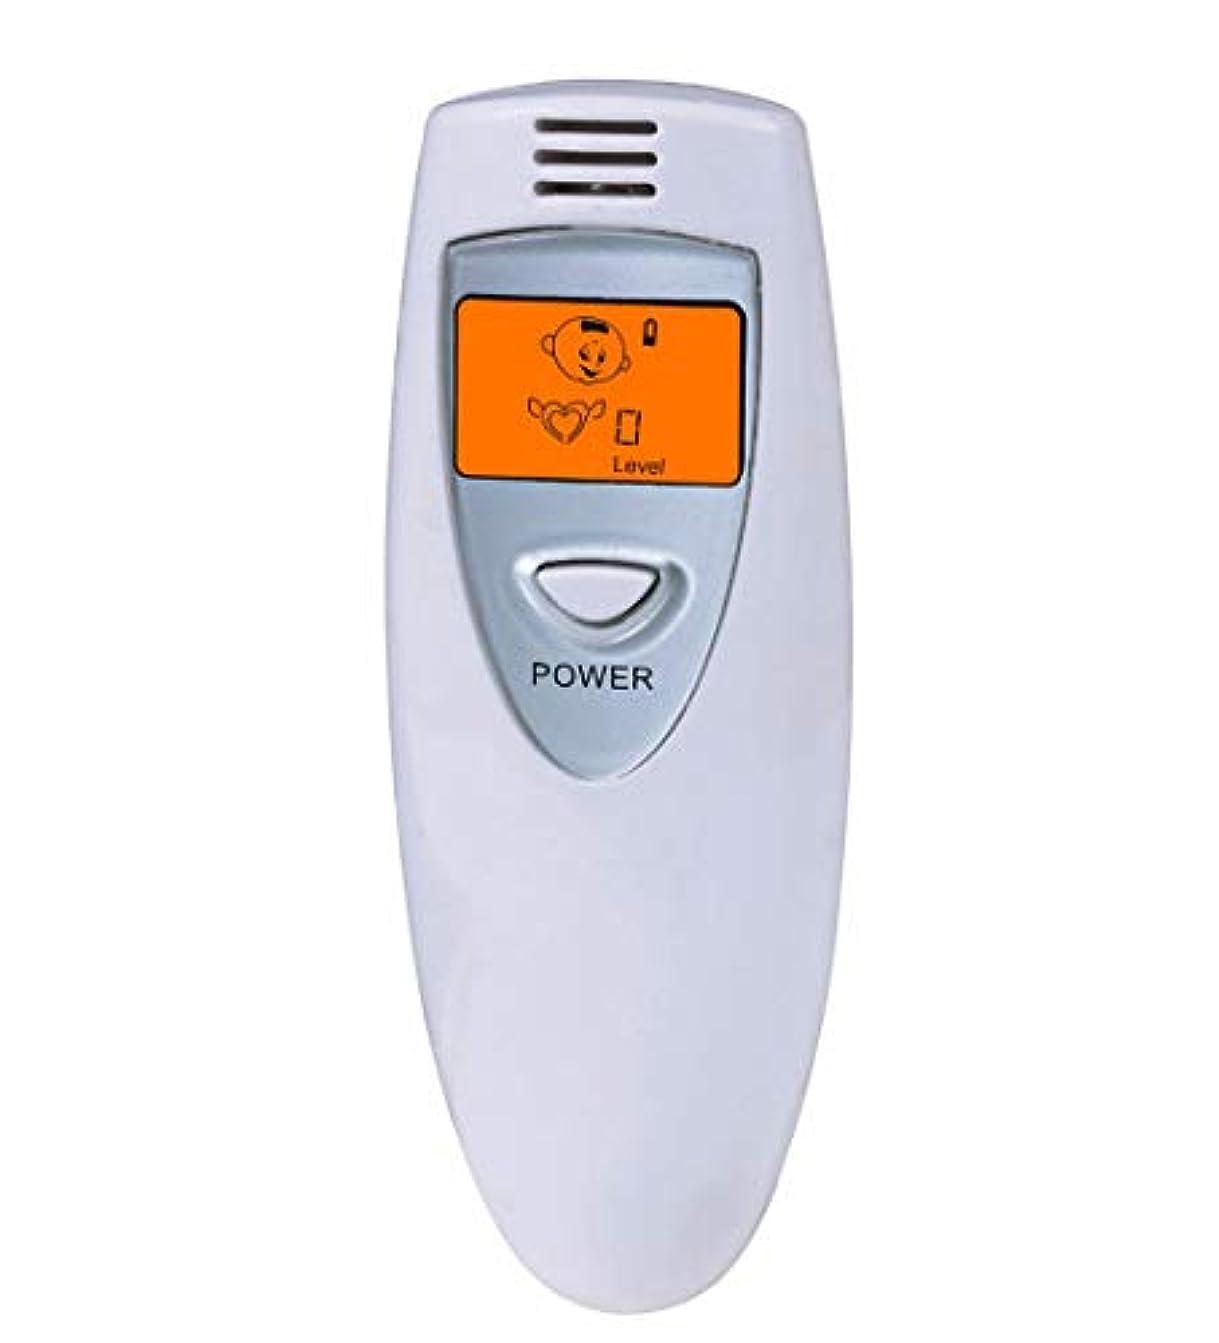 けがをする分離腐敗【瞬時測定】 携帯ブレスチェッカー デジタル口臭チェッカー 5段階レベル表示 コンパークト口臭予防検査器 大人子供エチケット (Grey)